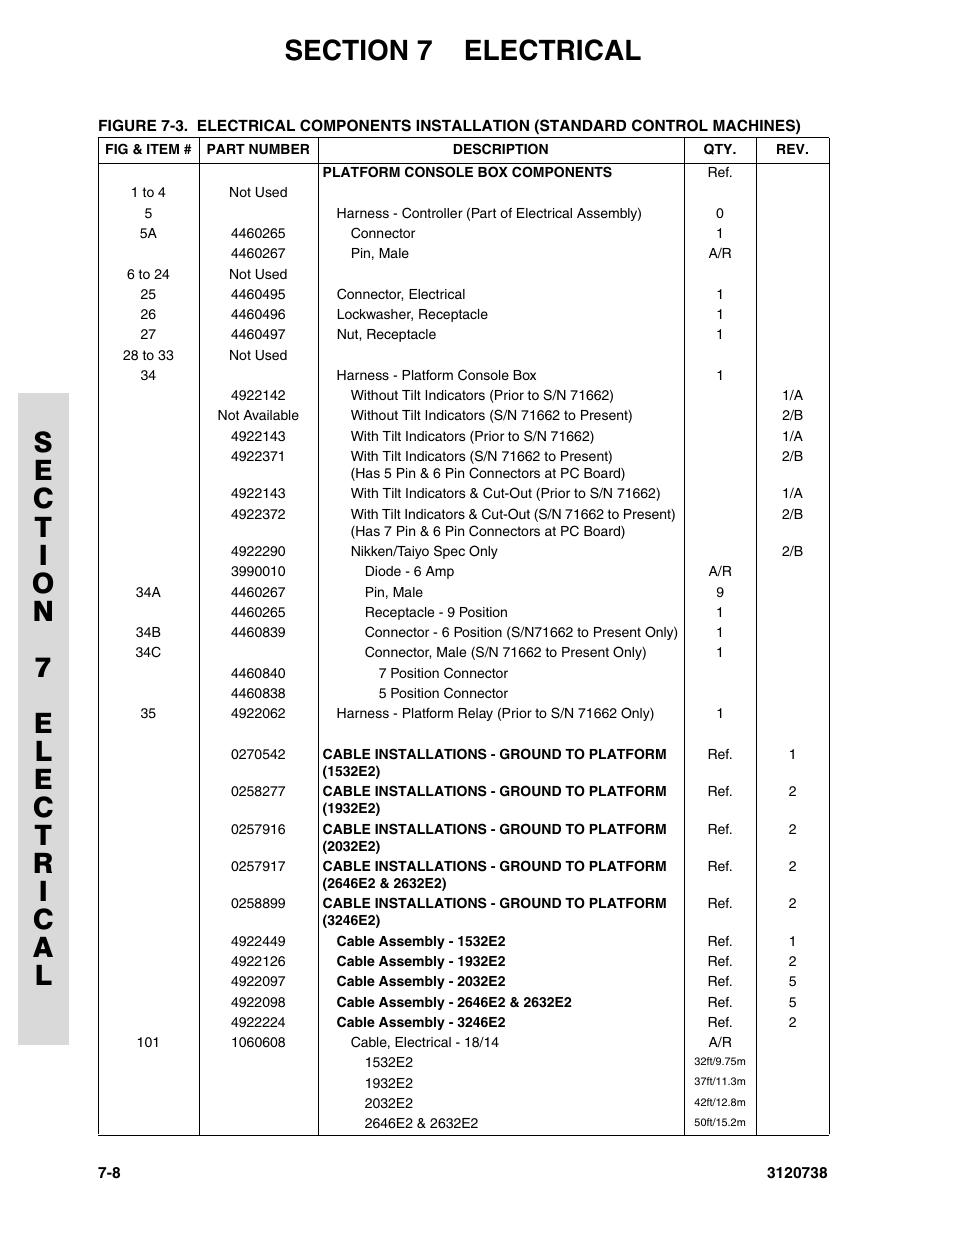 jlg 3246e2 ansi parts manual page186?resize\=665%2C861 jlg 3246 wiring diagram jlg wiring diagrams  at mifinder.co